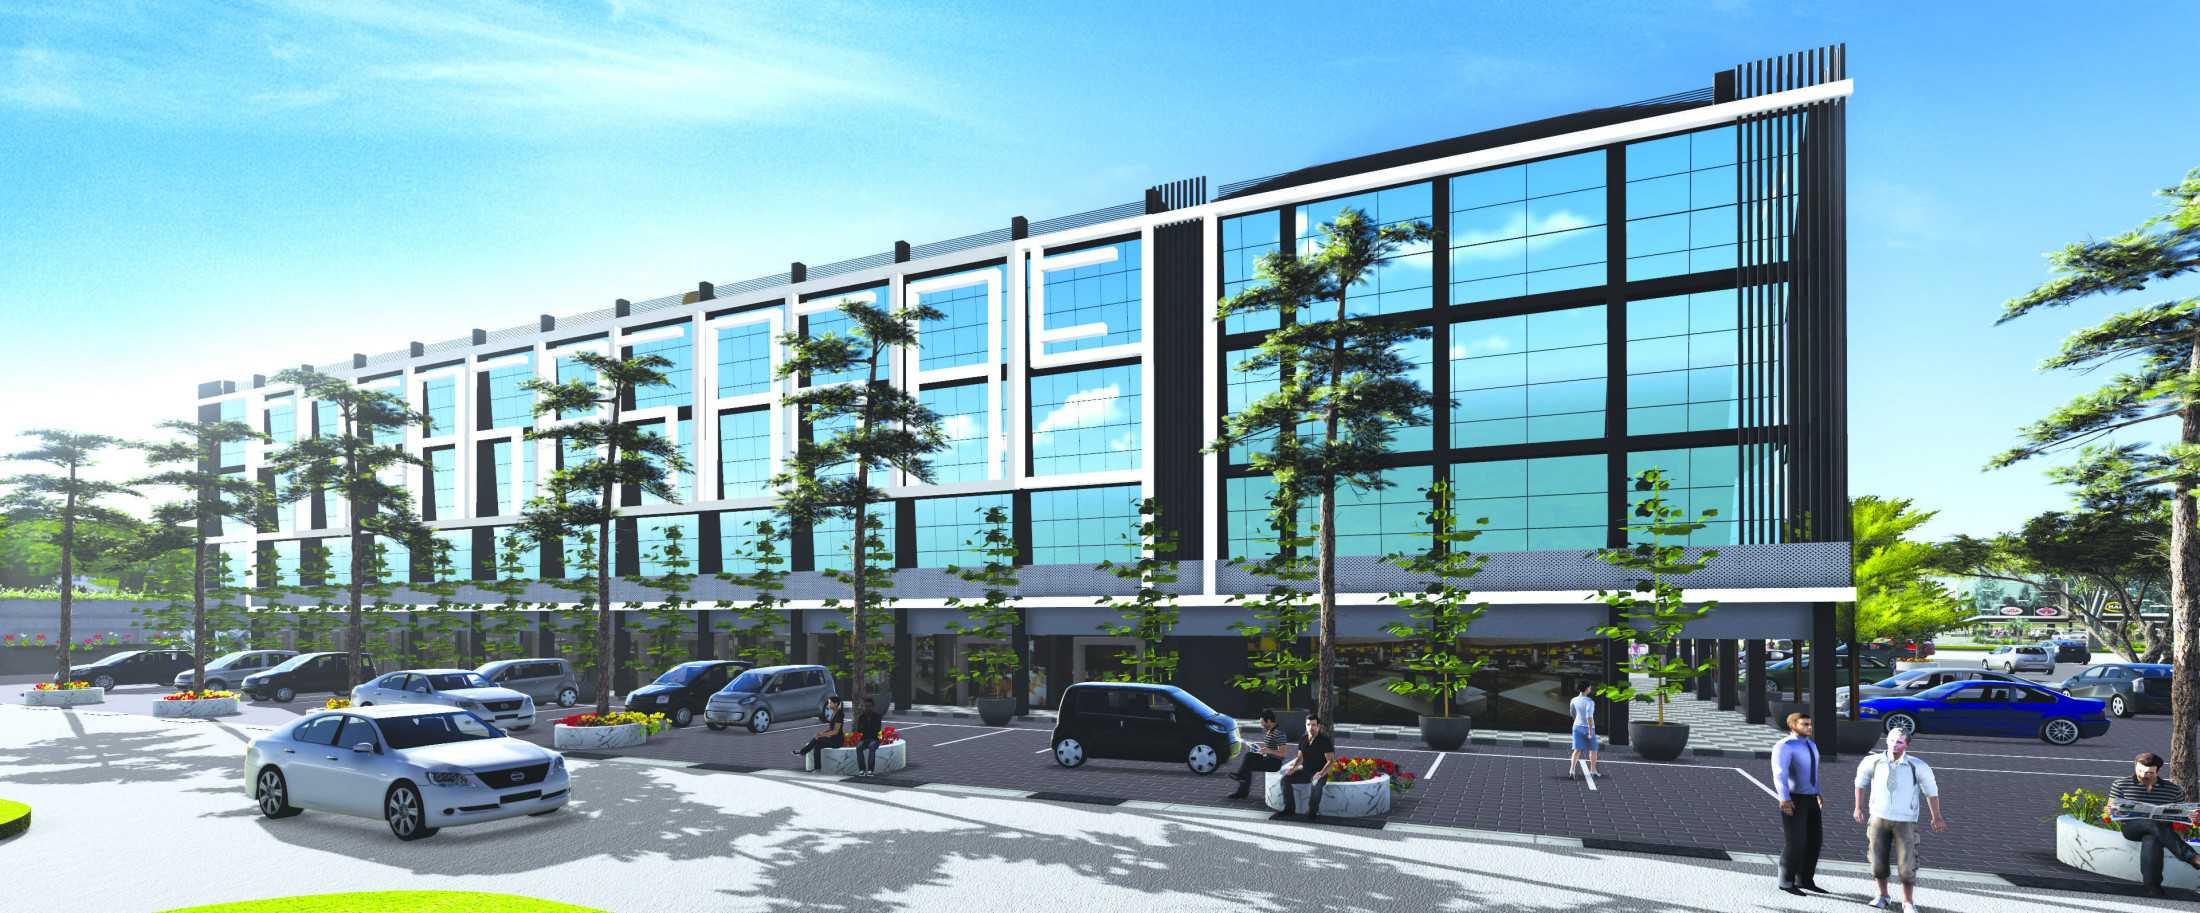 Zane Propertindo Cikarang Business Center Cikarang, Bekasi, Jawa Barat, Indonesia Cikarang, Bekasi, Jawa Barat, Indonesia Zane-Propertindo-Cikarang-Business-Center  53292